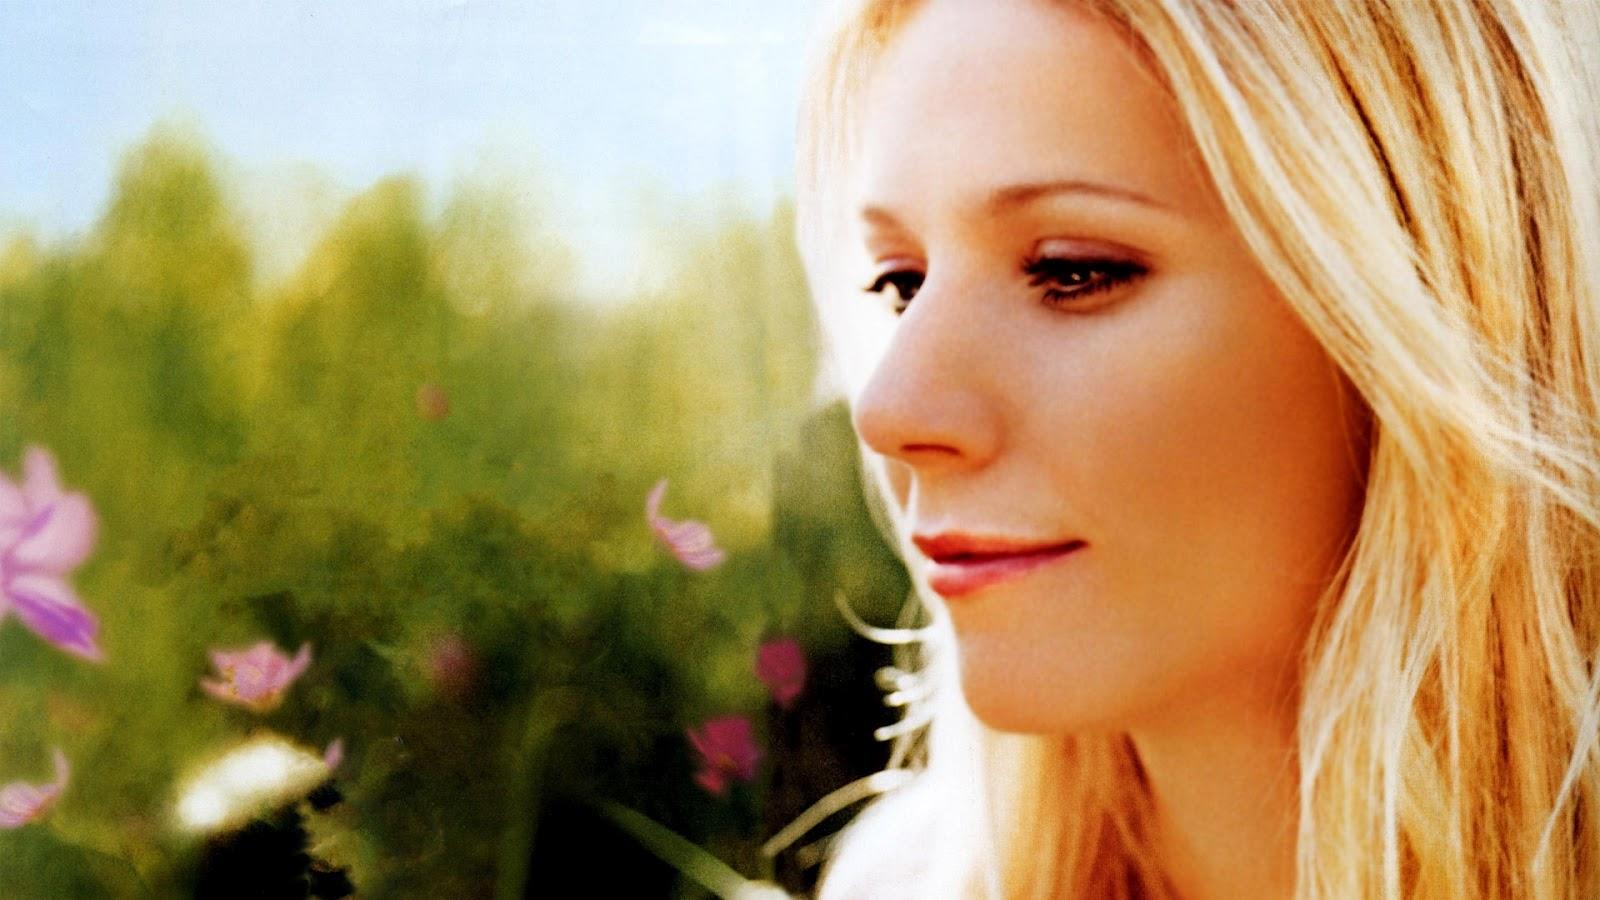 http://4.bp.blogspot.com/-saqSOJhFUtA/UAvHXZY6DSI/AAAAAAAAAm0/UVC_fcH75Rk/s1600/gwyneth-paltrow.jpg